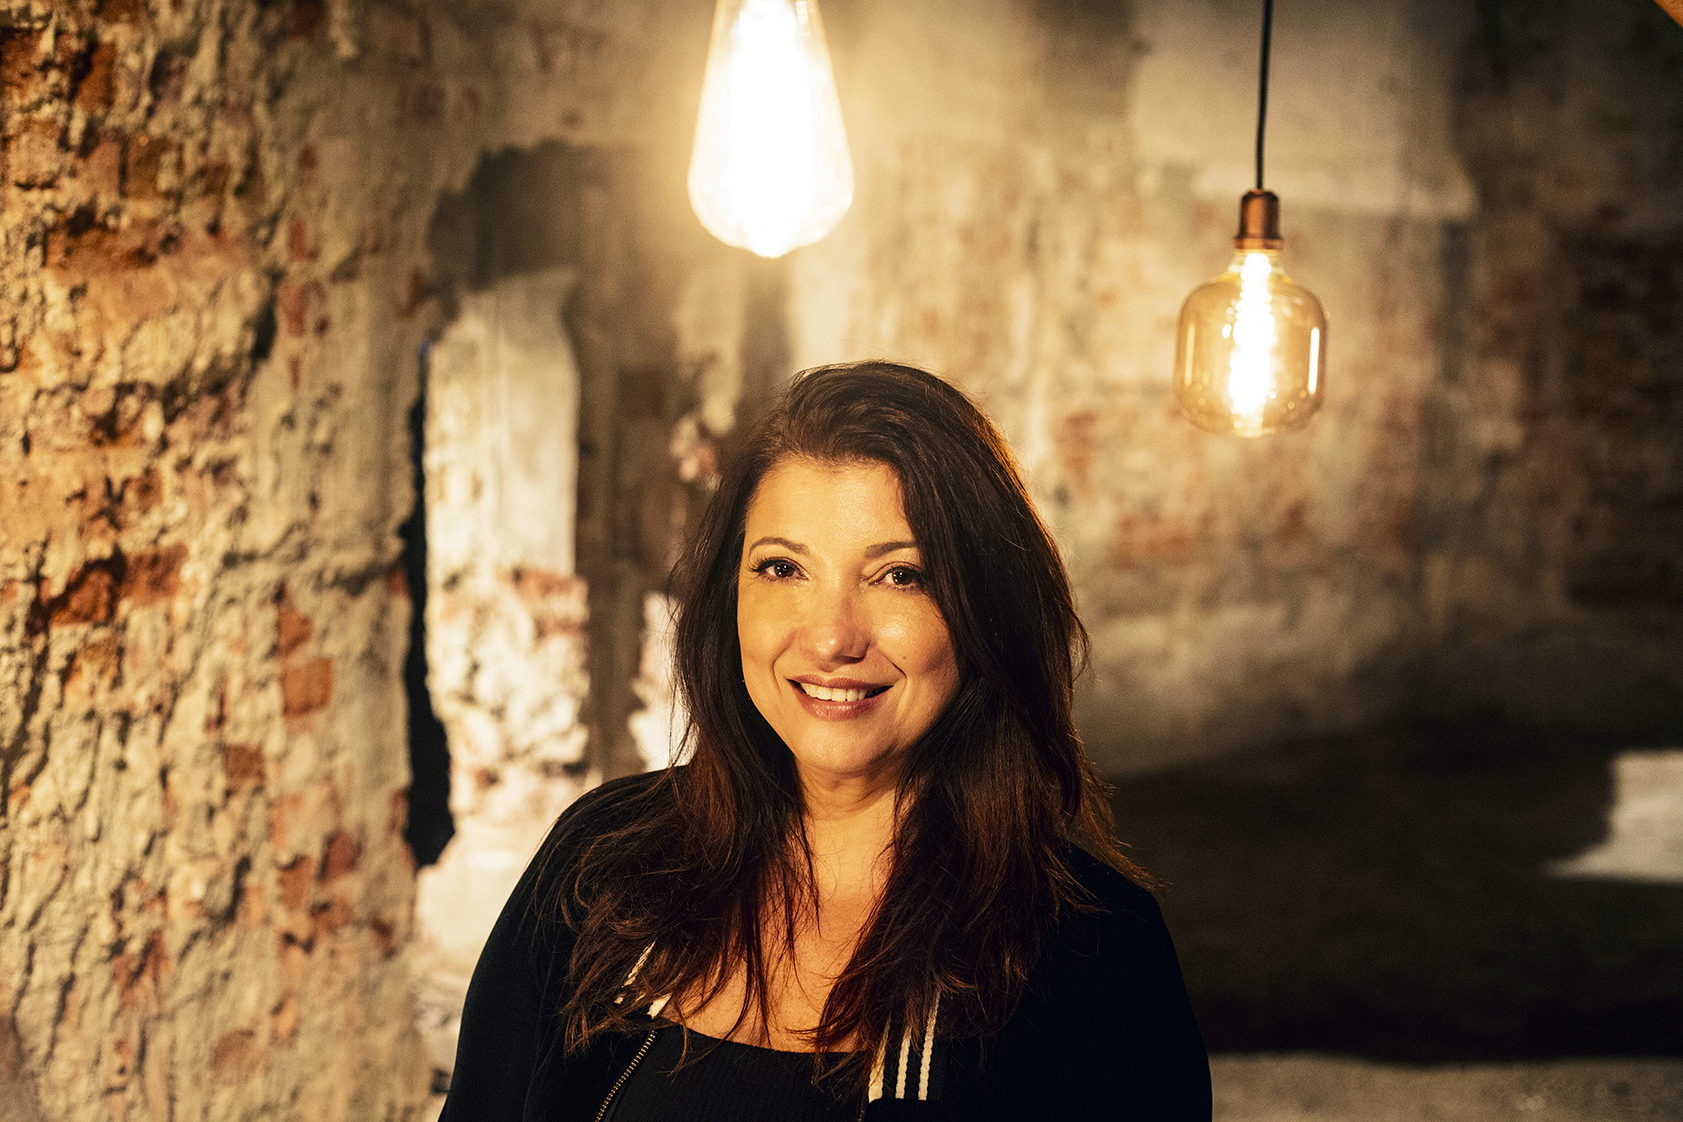 Entrevista | Susanna Lira, diretora de Mussum